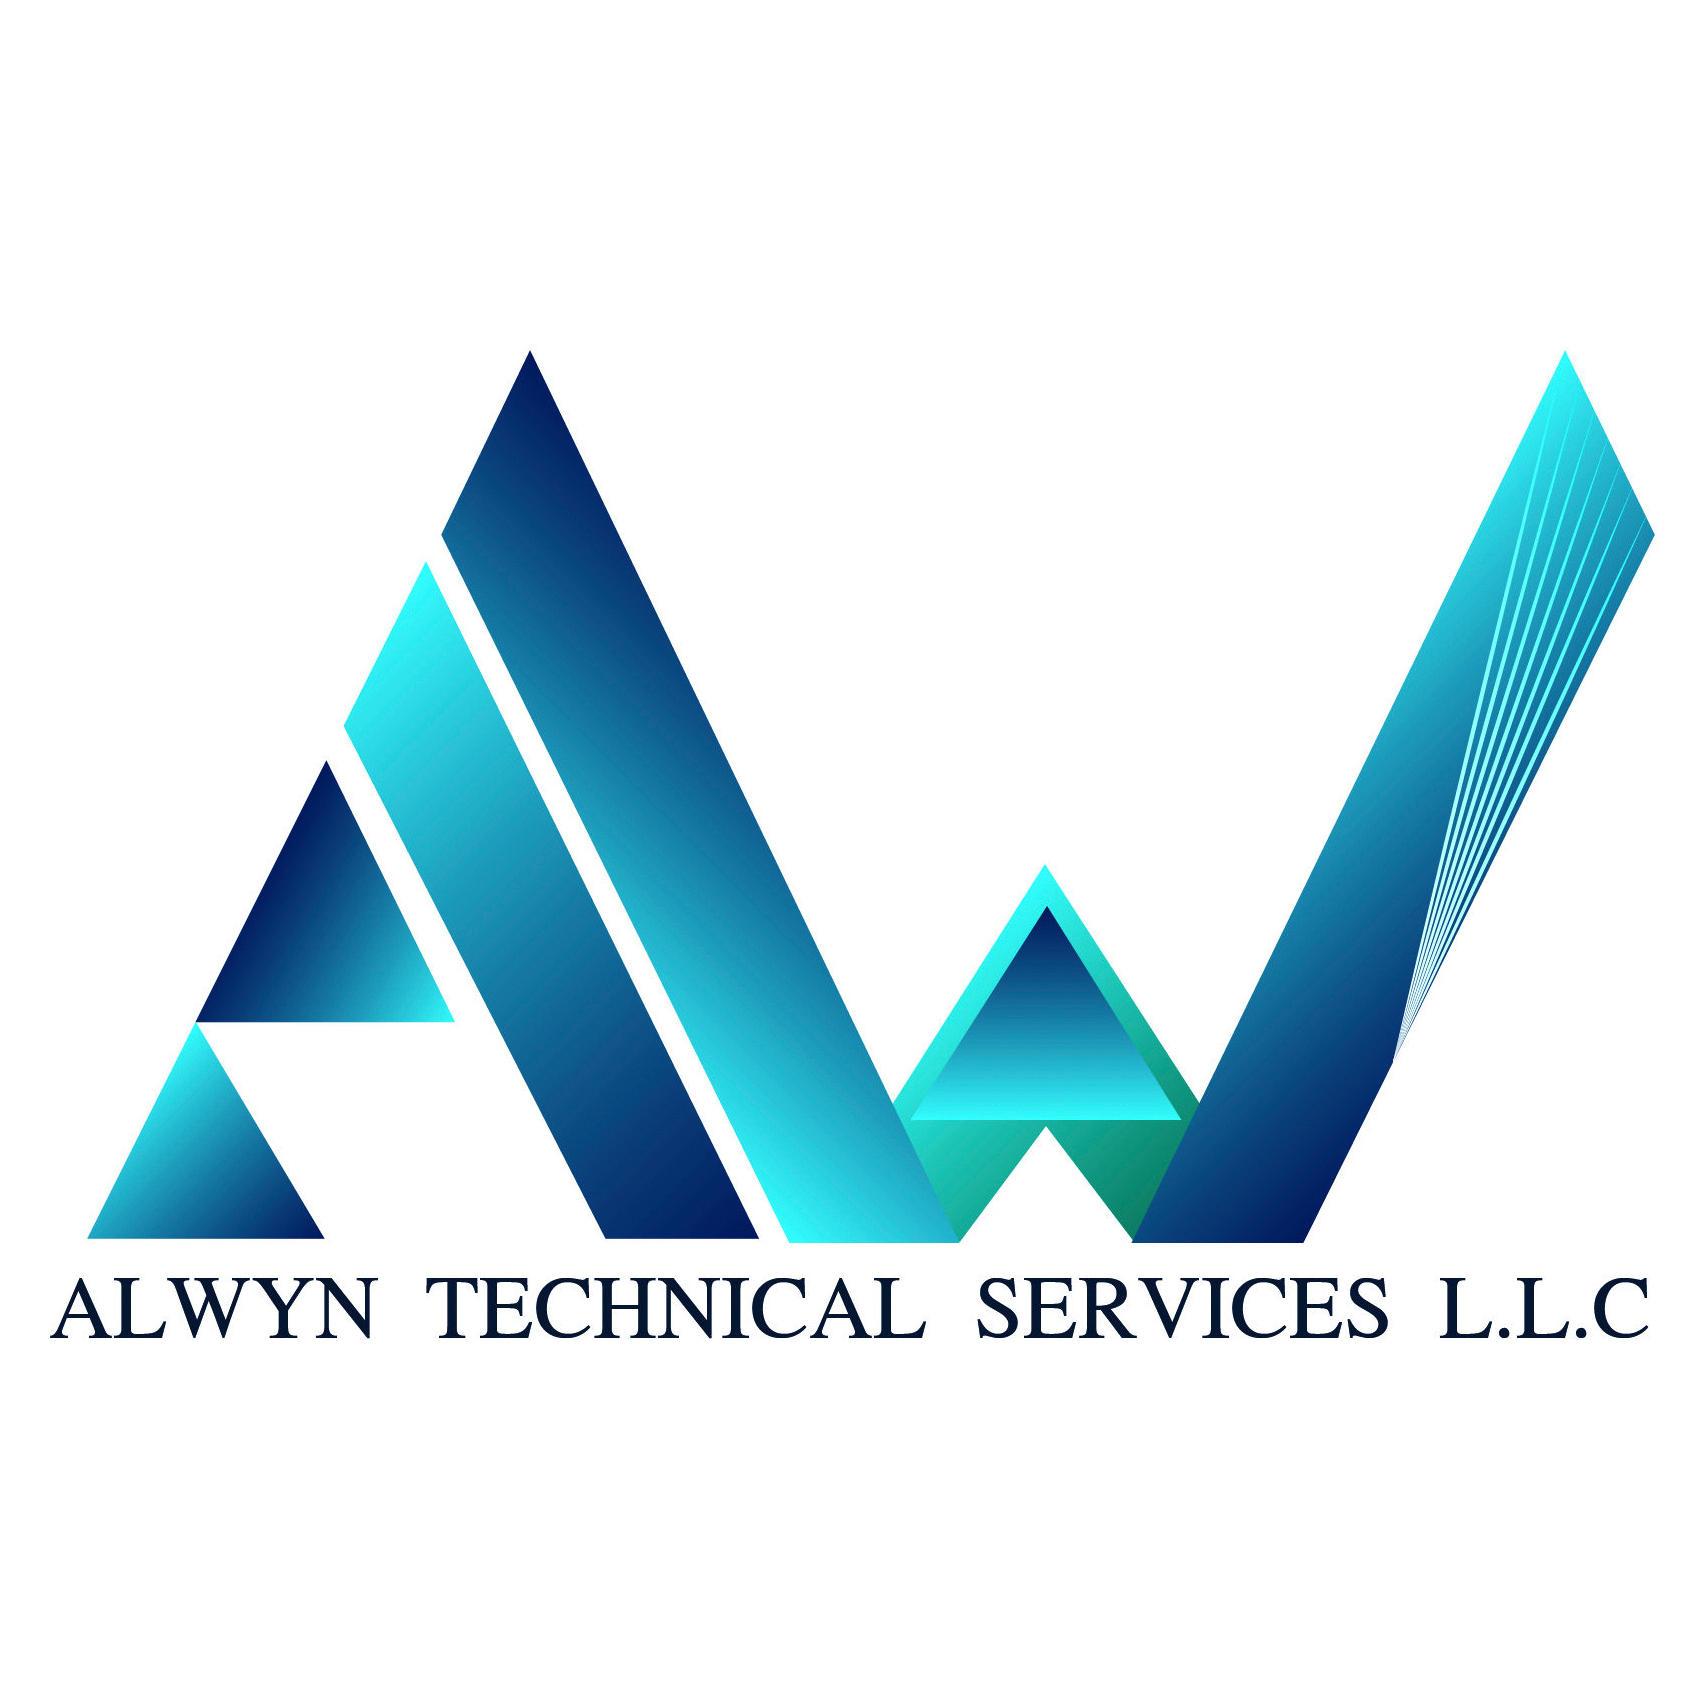 Alwyn Technical Services L.L.C